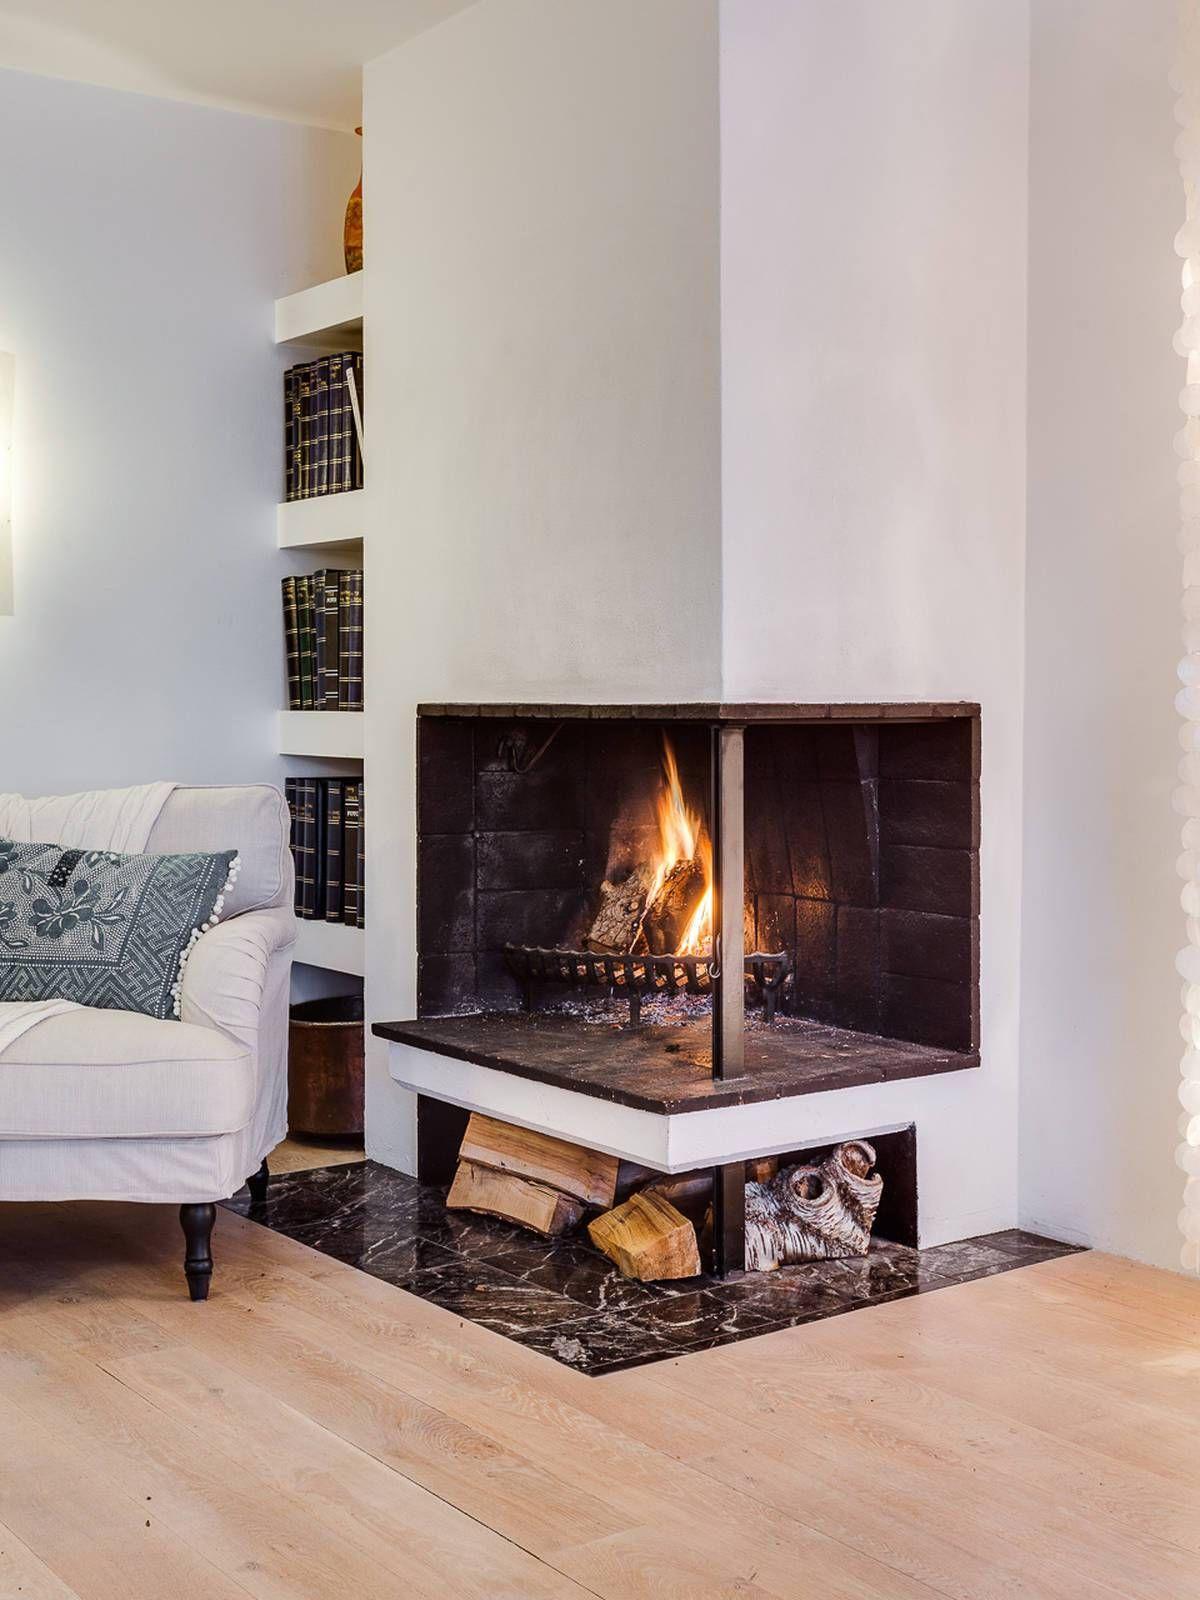 Sal n con chimenea y librer a empotrada decoraci n hogar - Chimeneas para salon ...